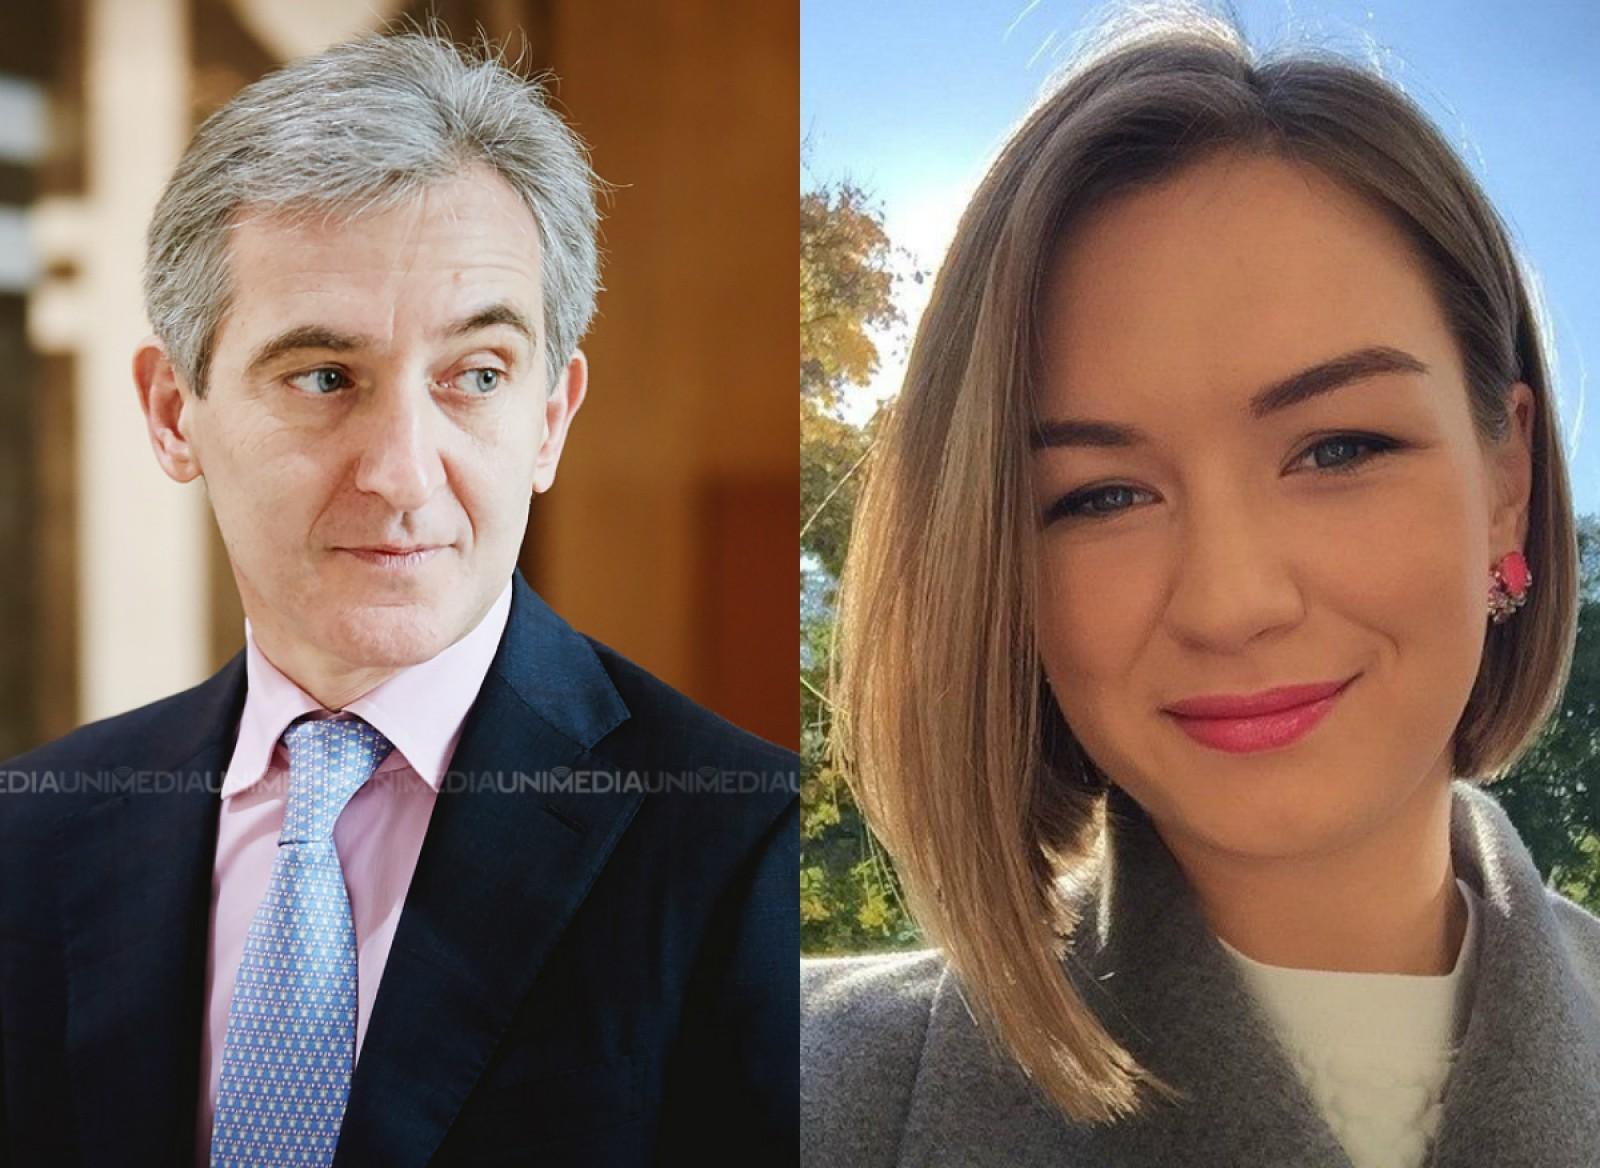 Iurie Leancă explică de ce a angajat-o pe iubita fiului său: Consilierii sunt angajați în temeiul strict al încrederii personale a demnitarului